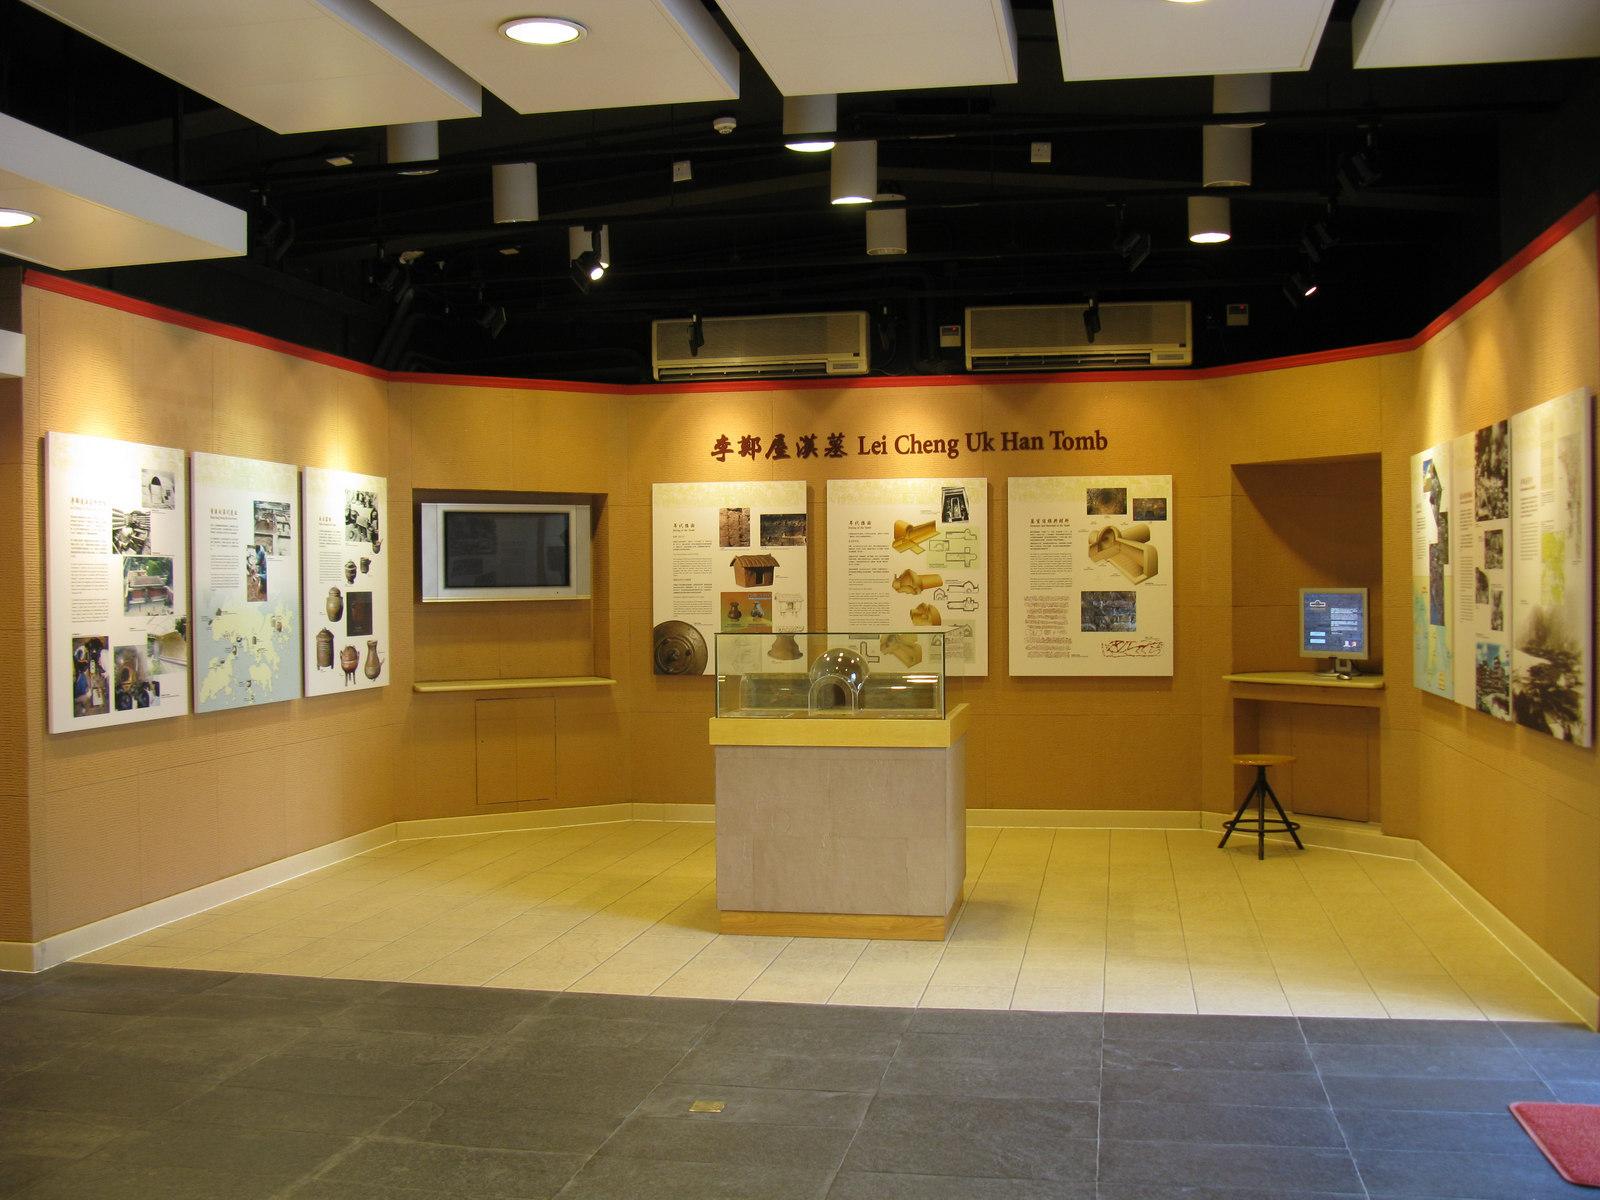 李鄭屋漢墓博物館3 (1)